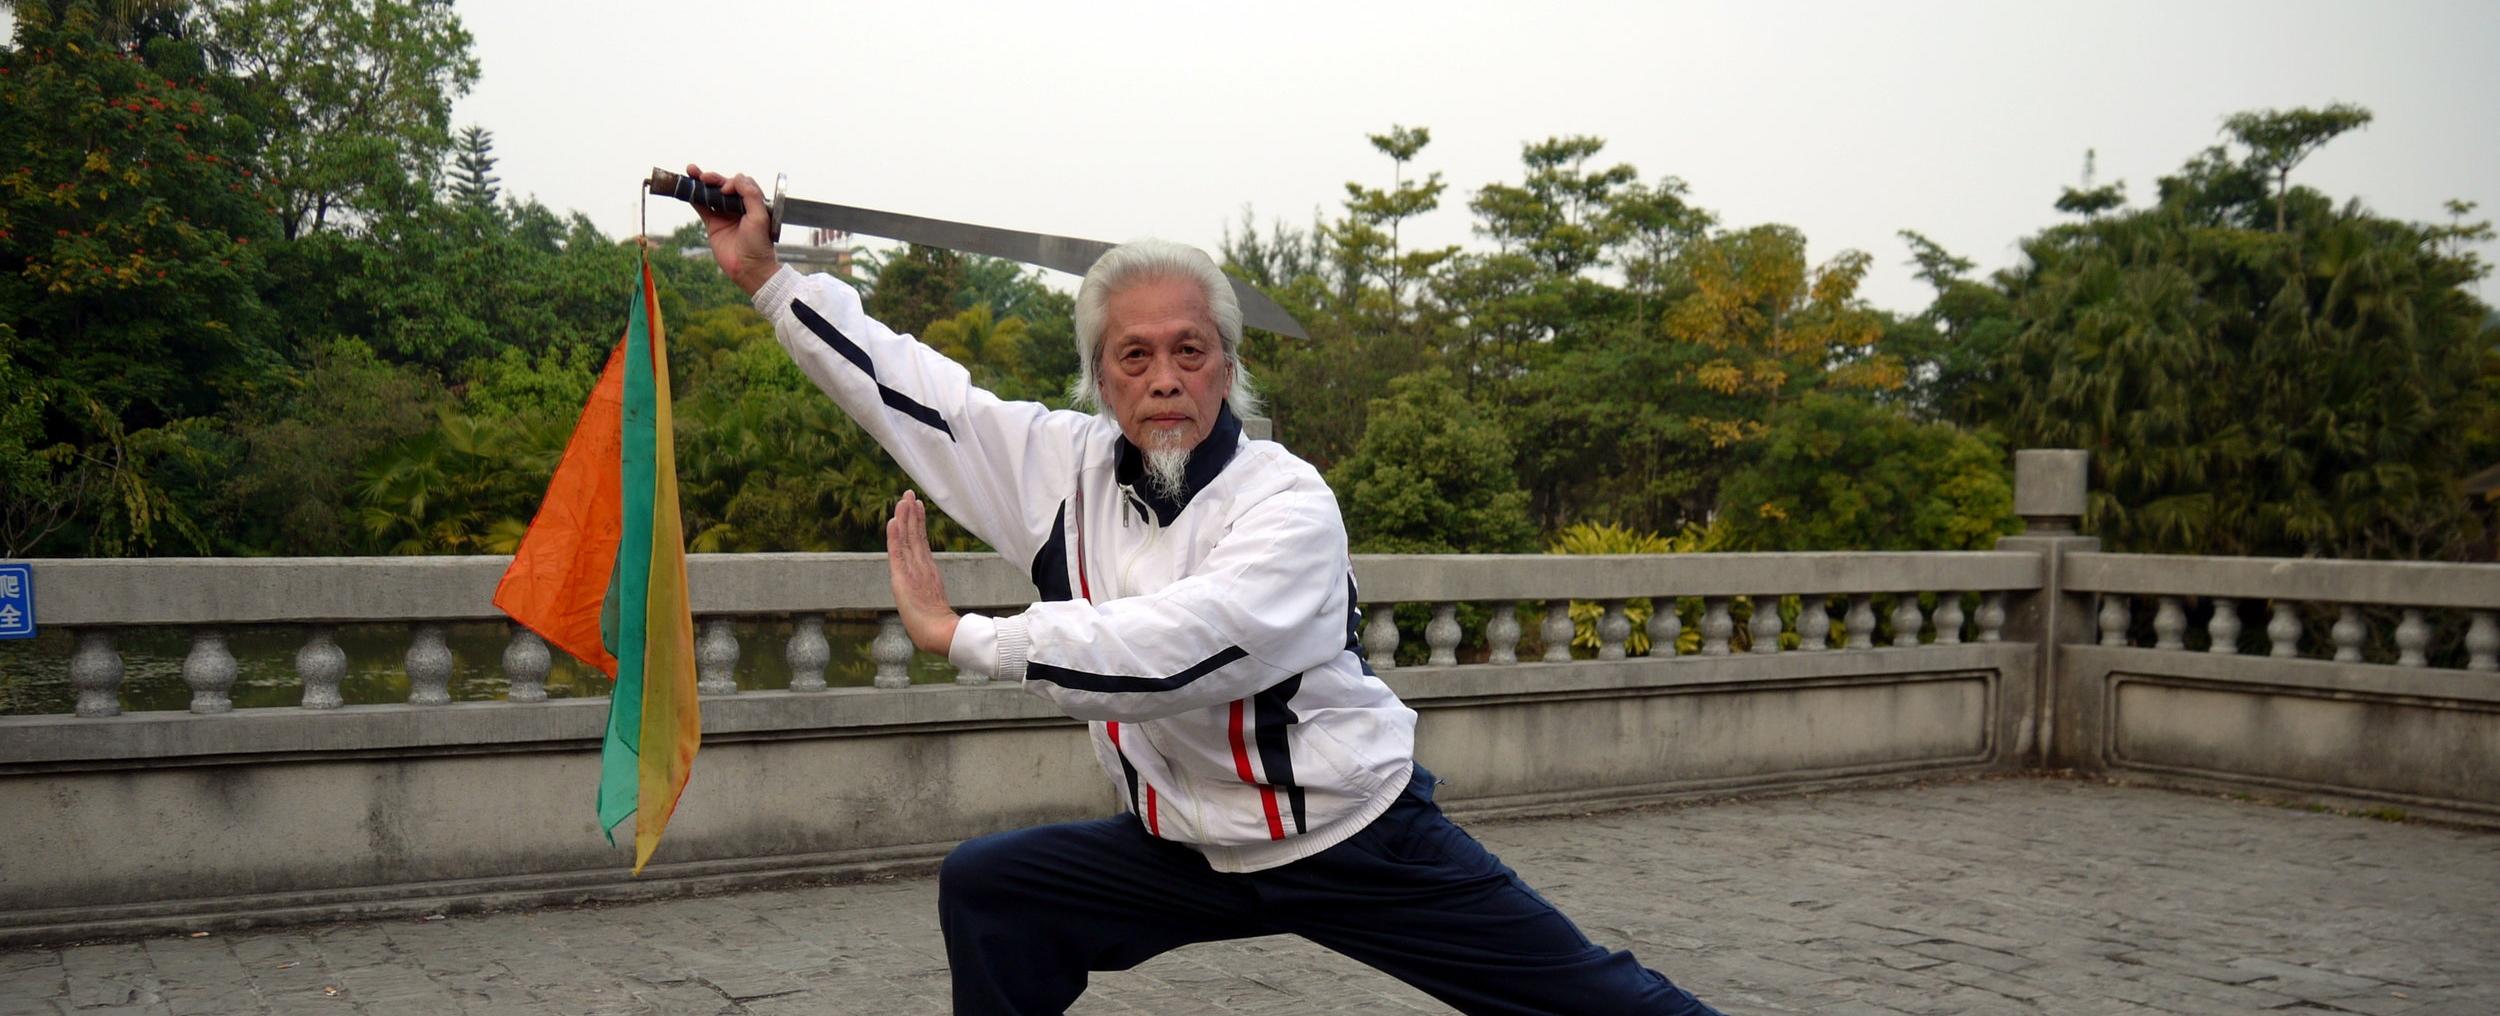 刀--弓步挥刀.jpg